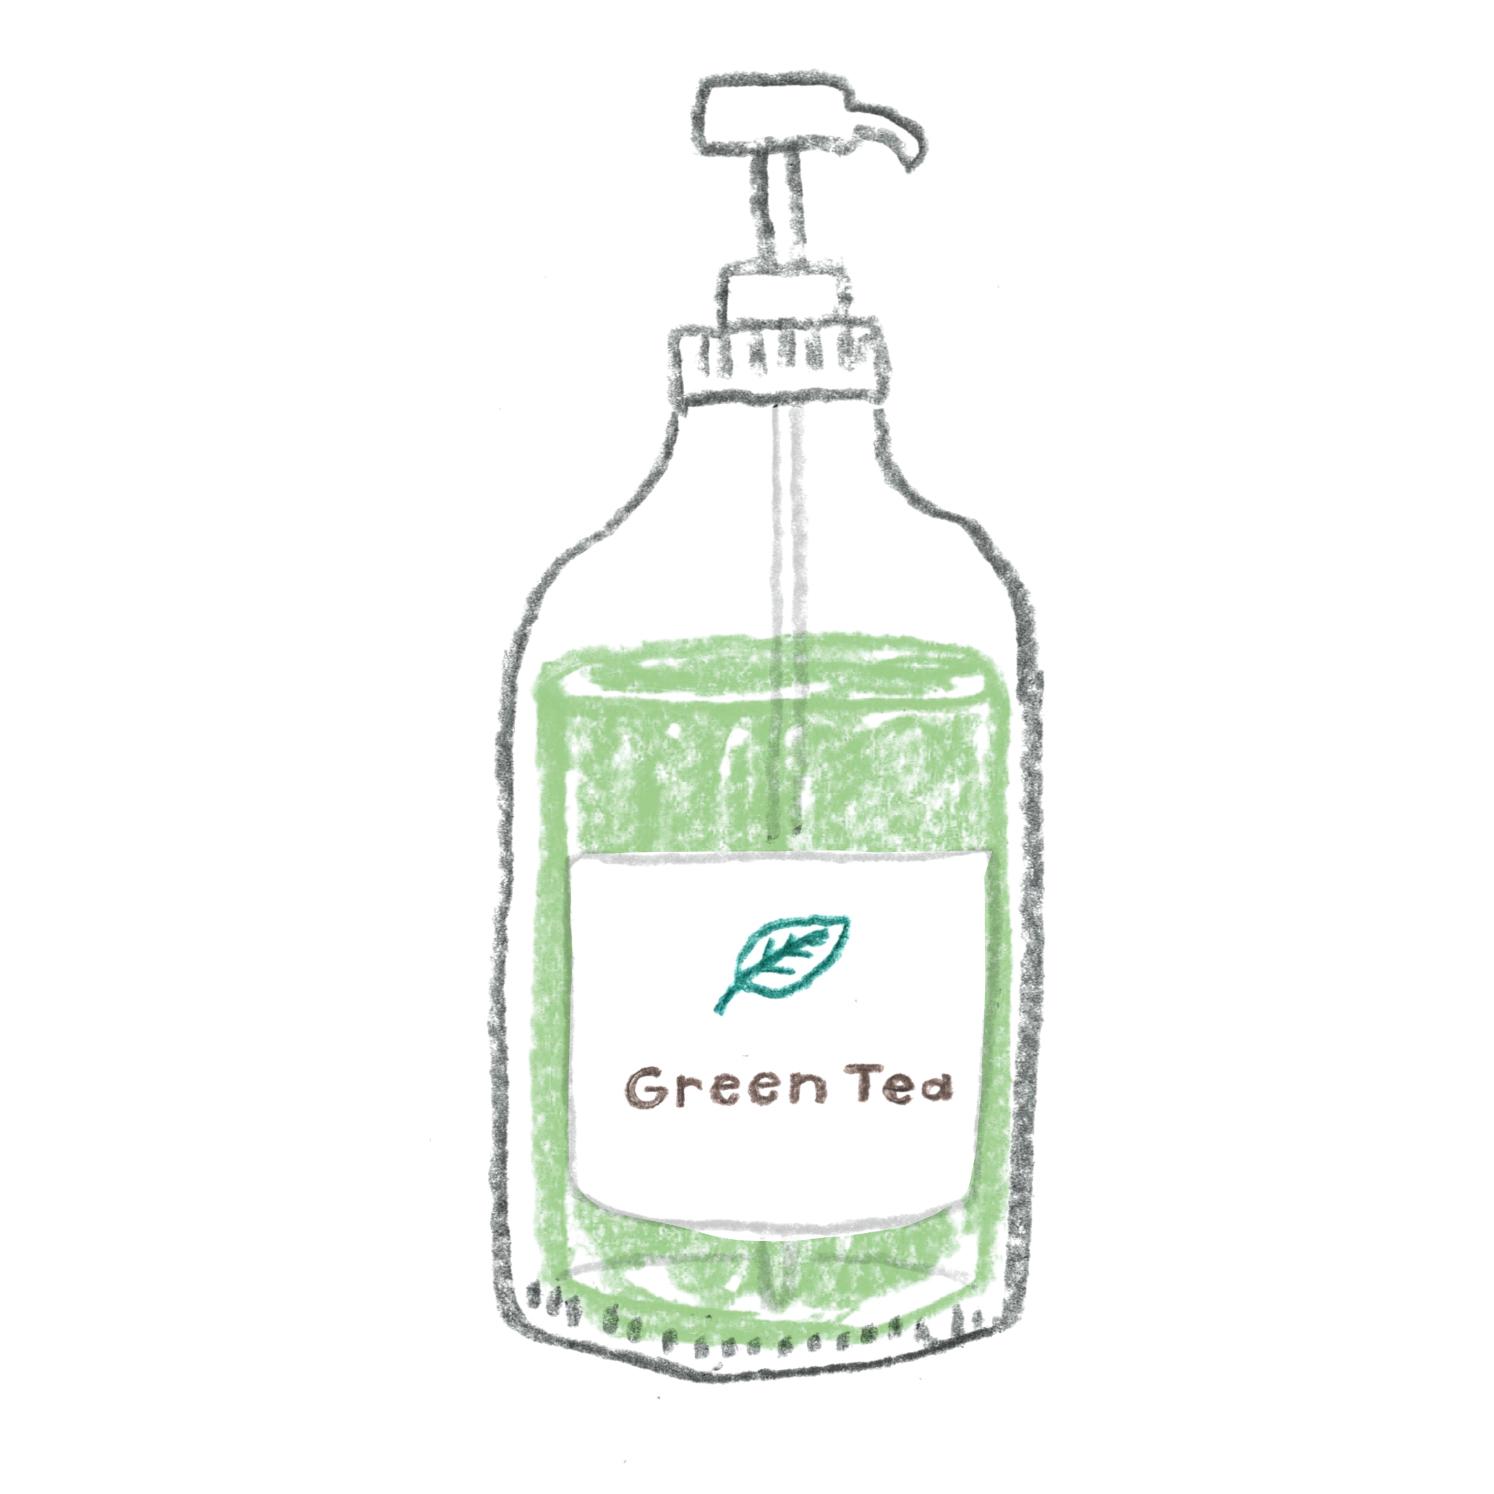 B:緑茶の香り